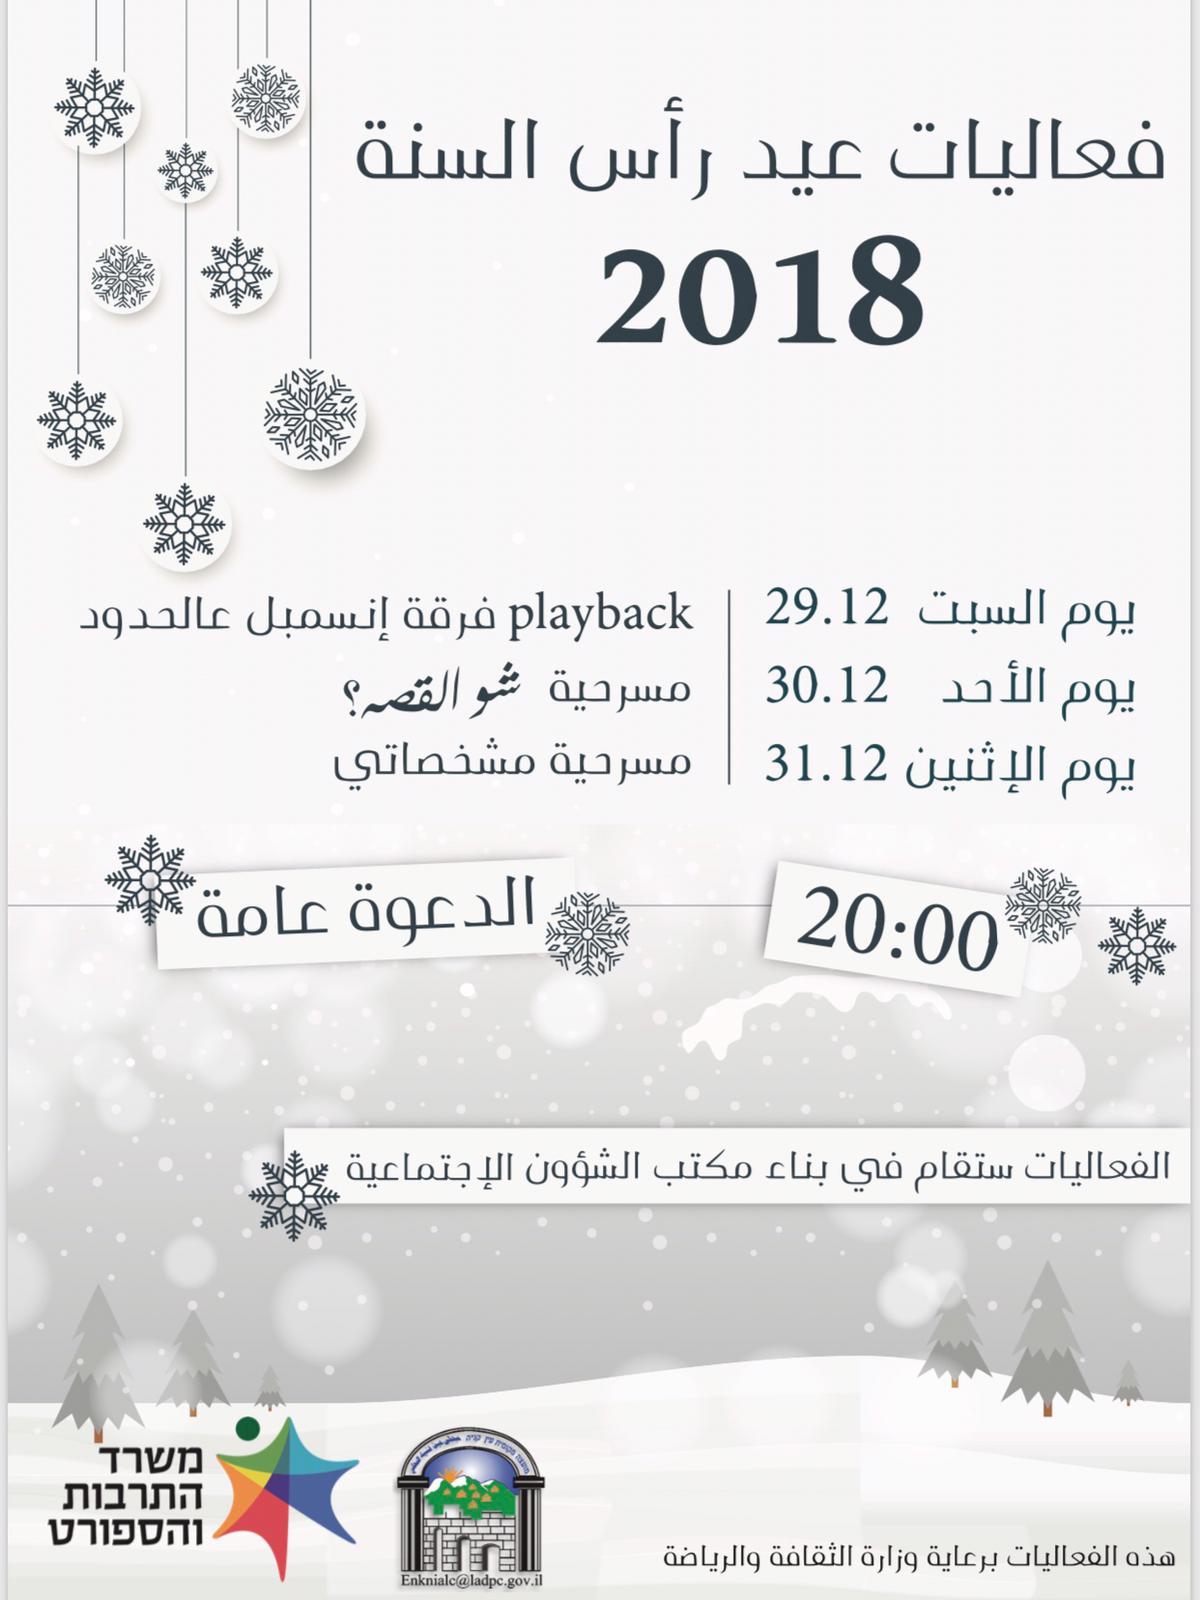 فعاليان رأس السنة 2018/2019